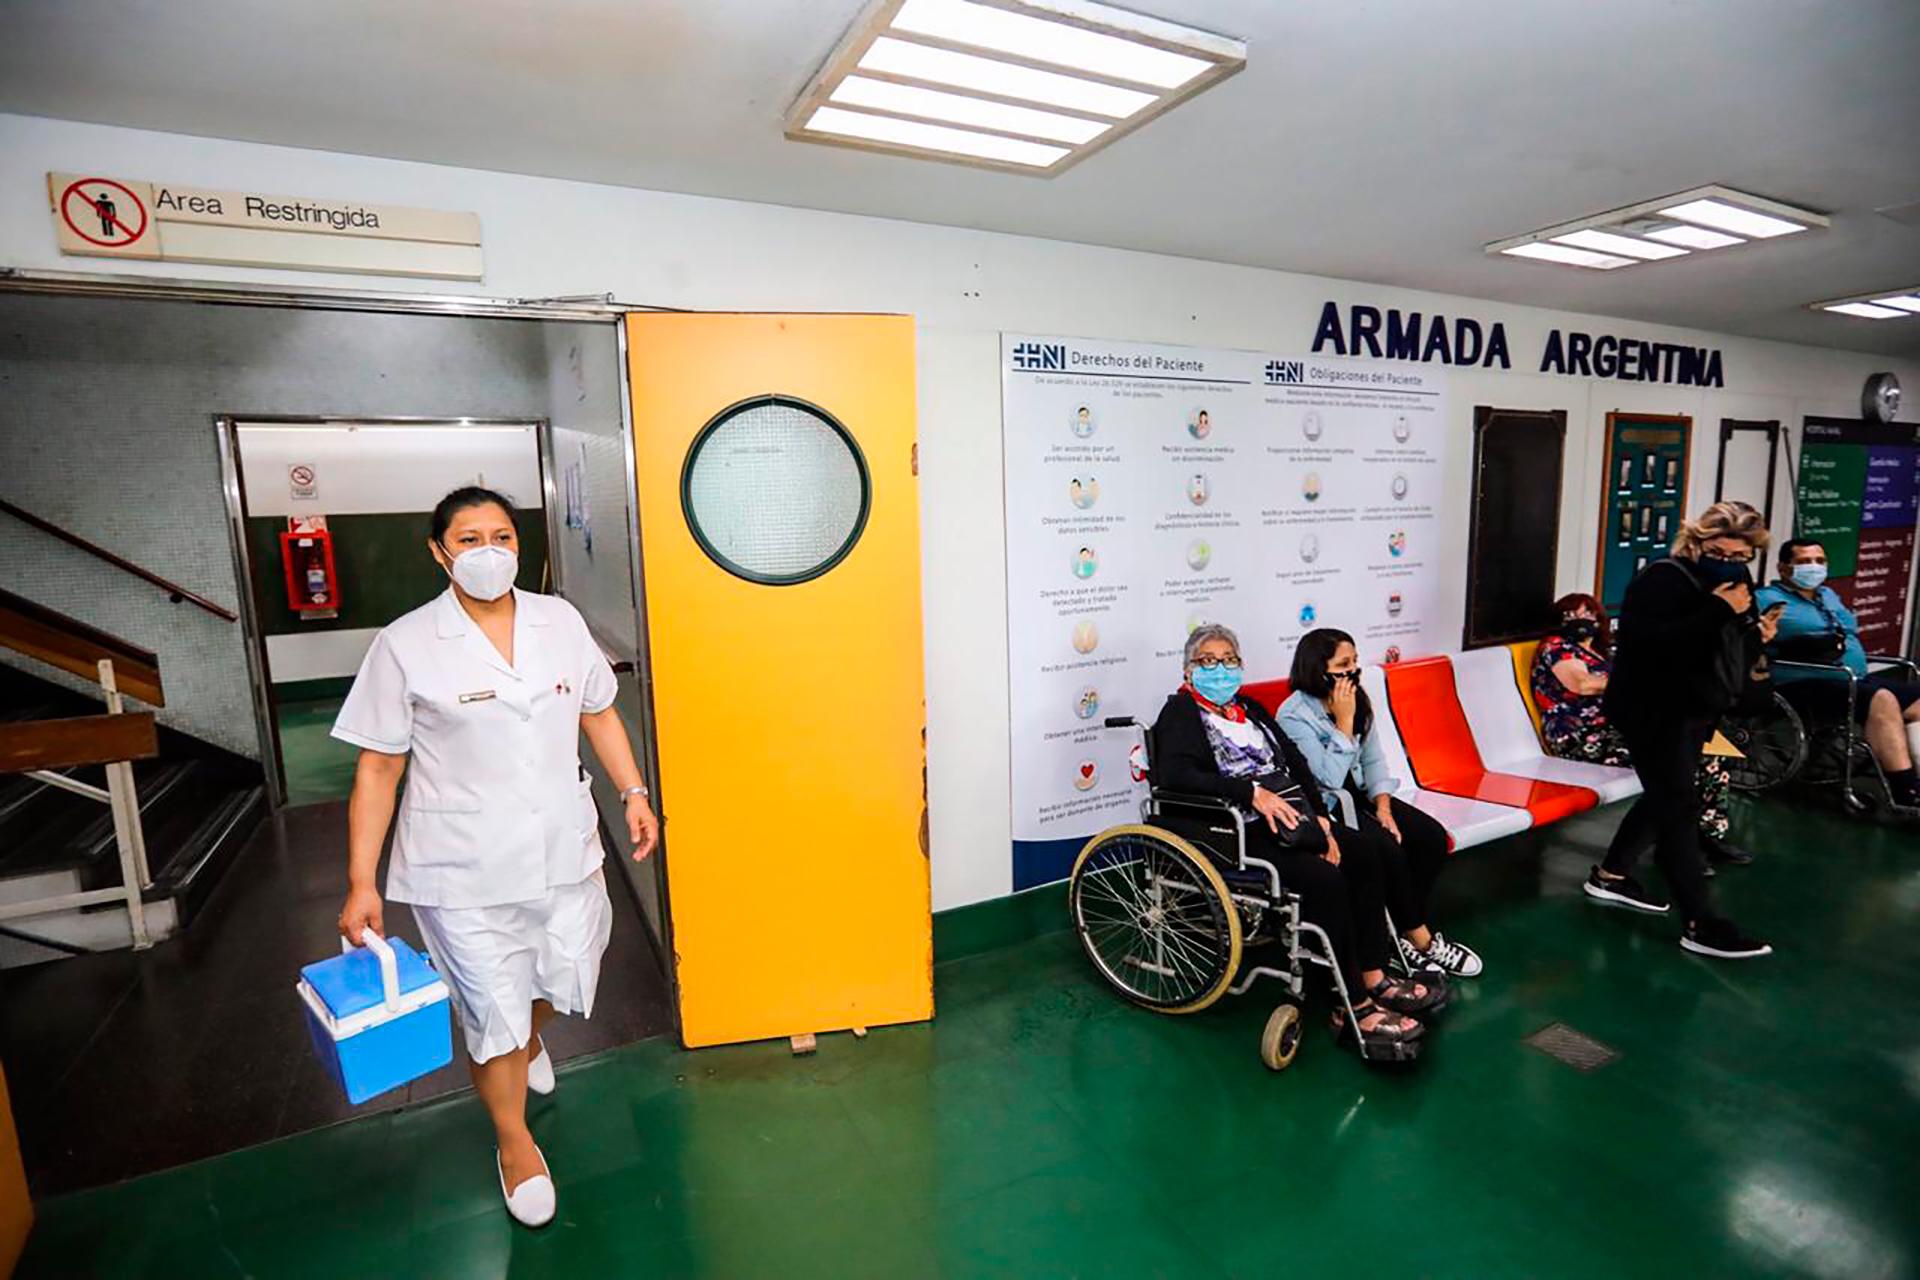 Coronavirus en Argentina: confirmaron 160 muertes y 8.704 nuevos casos en las últimas 24 horas